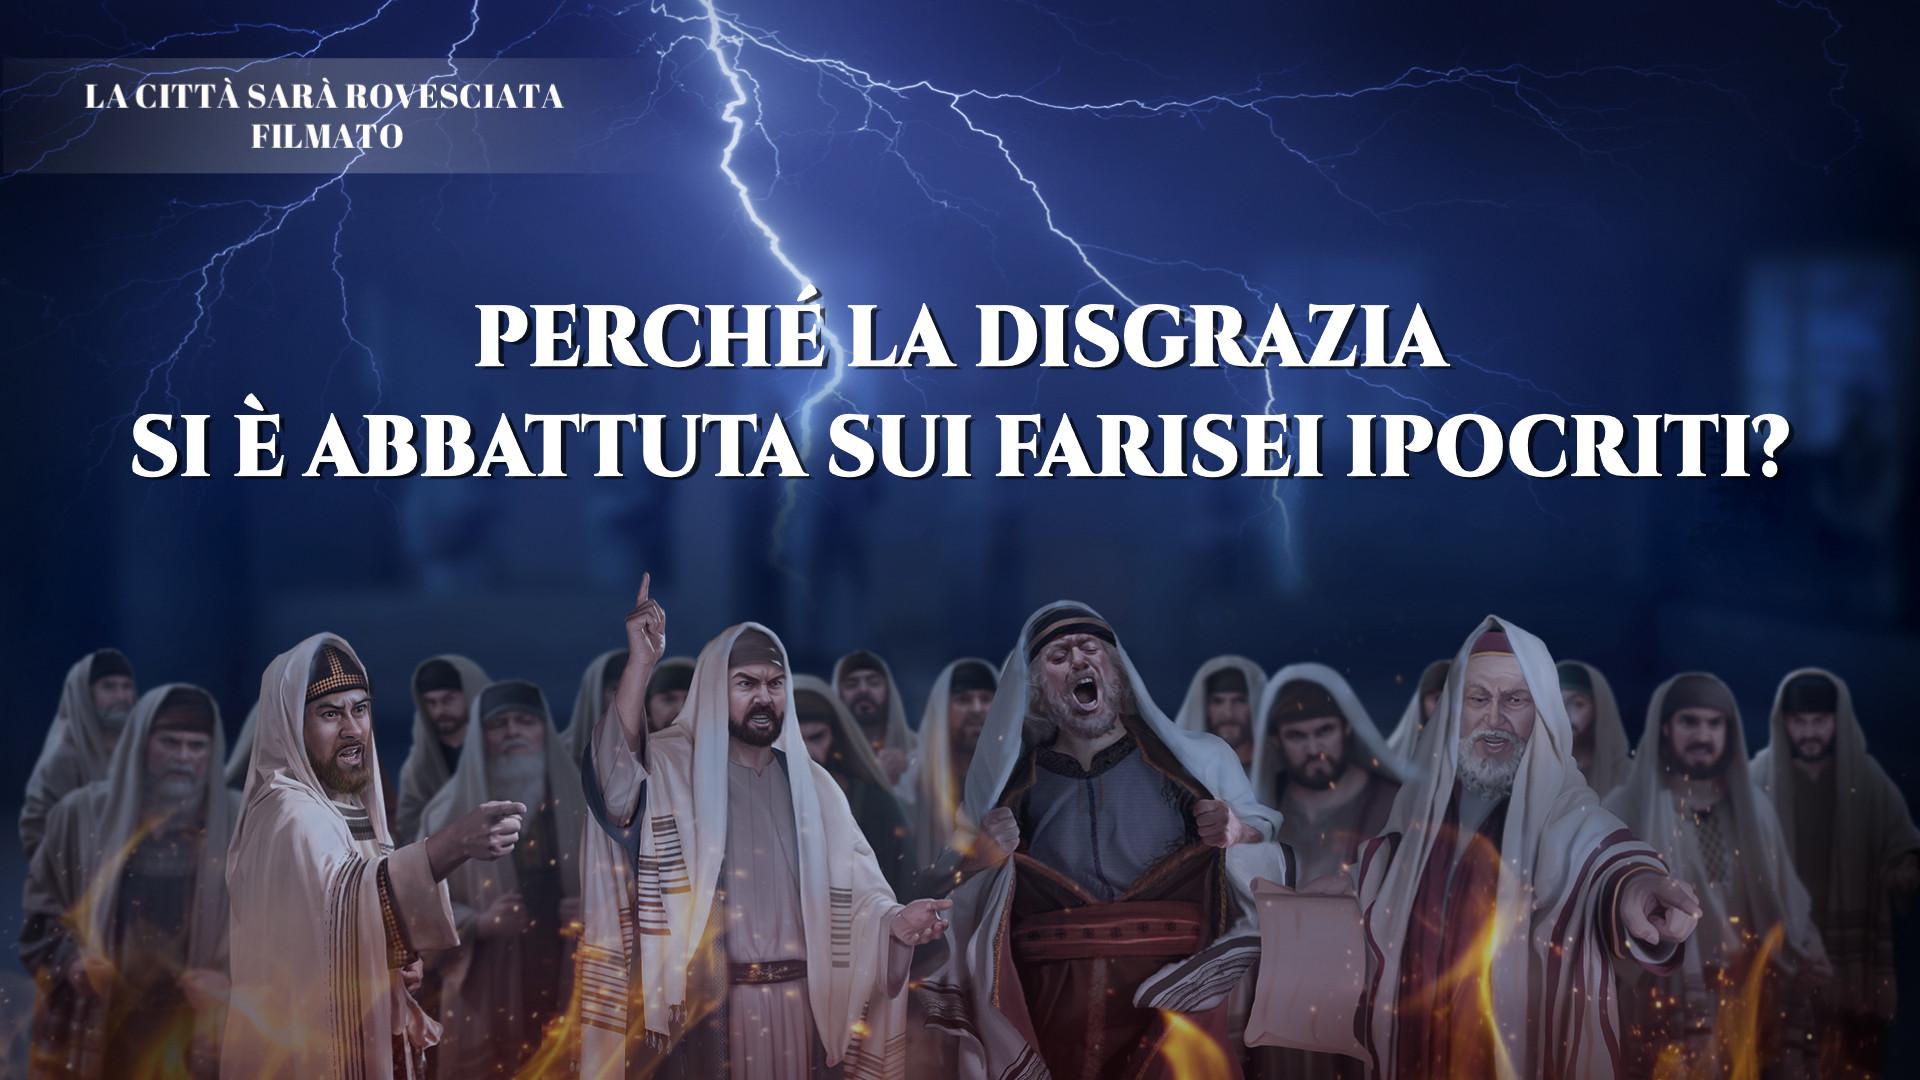 Perché la disgrazia si è abbattuta sui farisei ipocriti